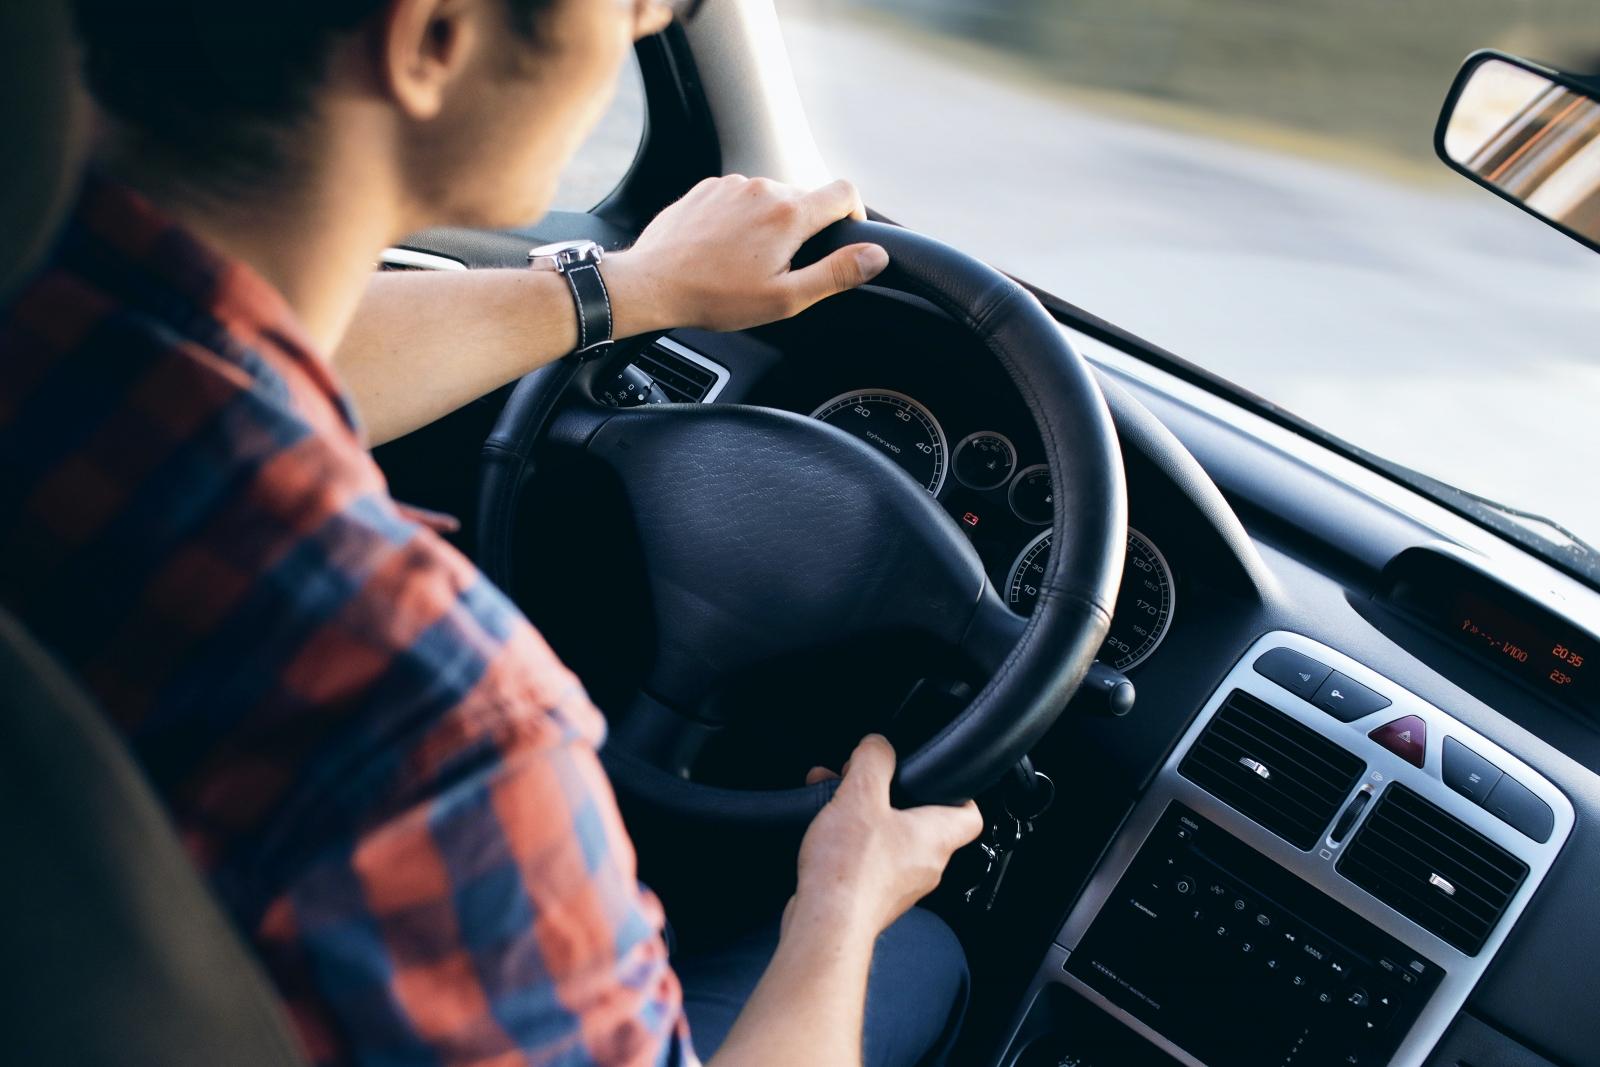 【汽車專知】煞車失靈的原因?如何在煞車失靈時自救?